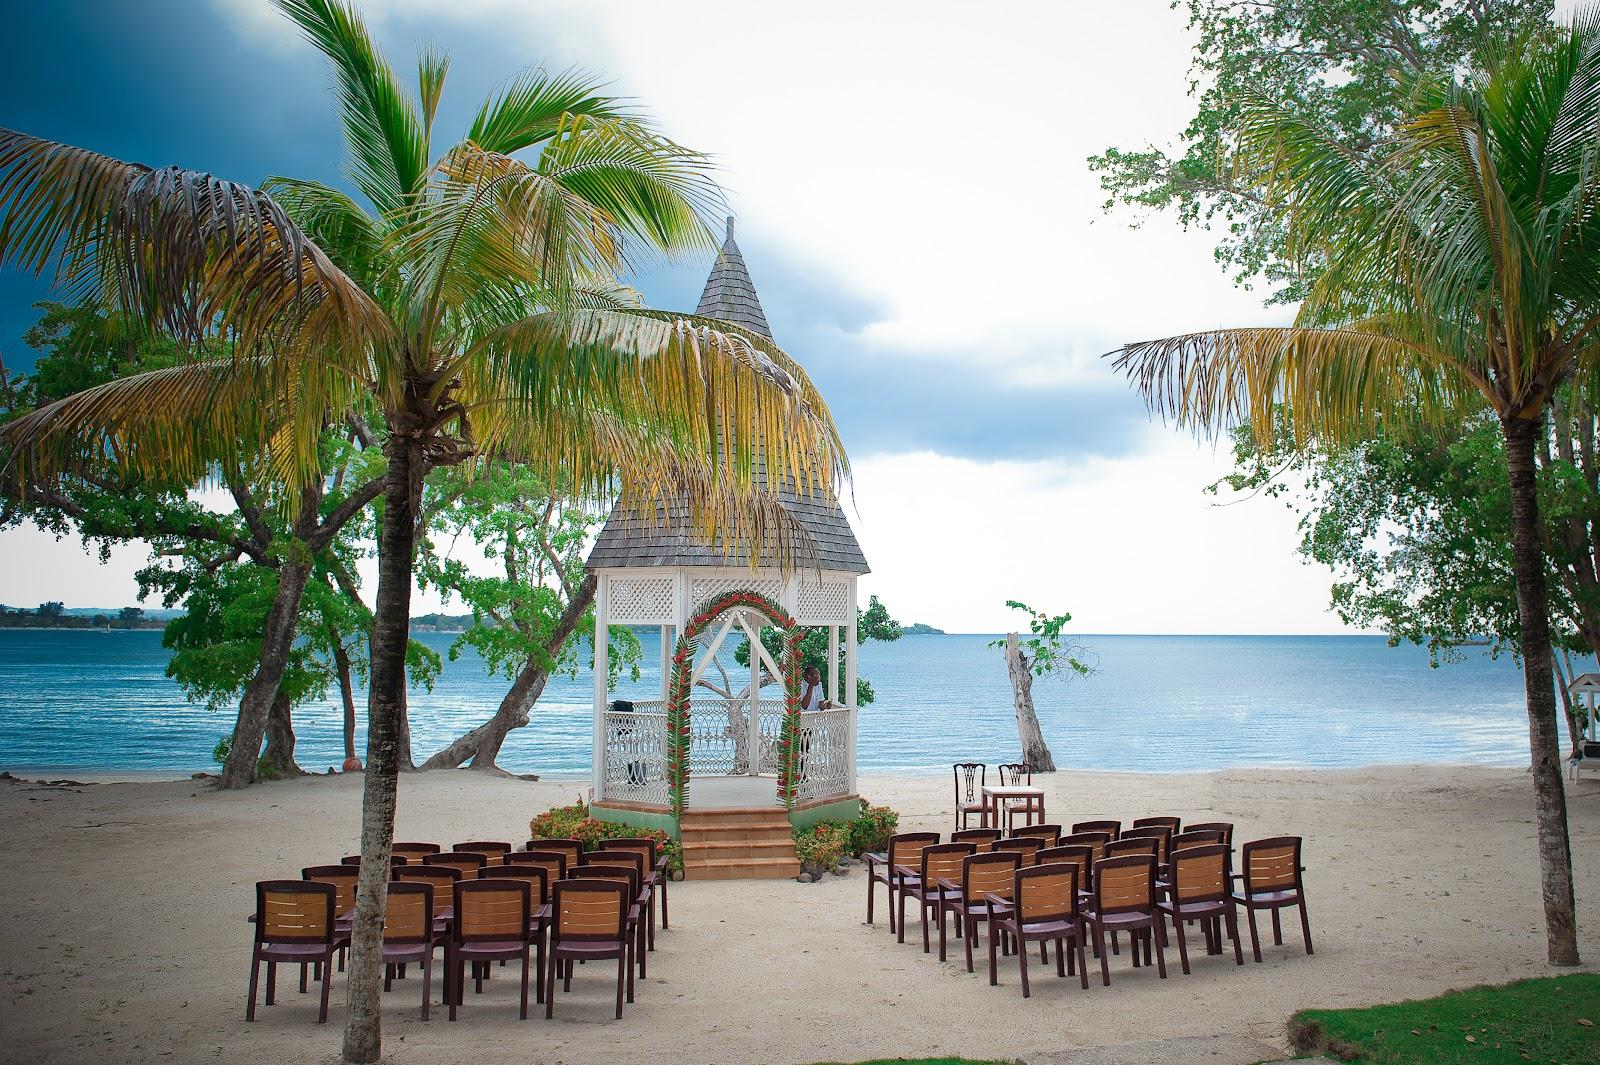 6.Negril, Jamaica